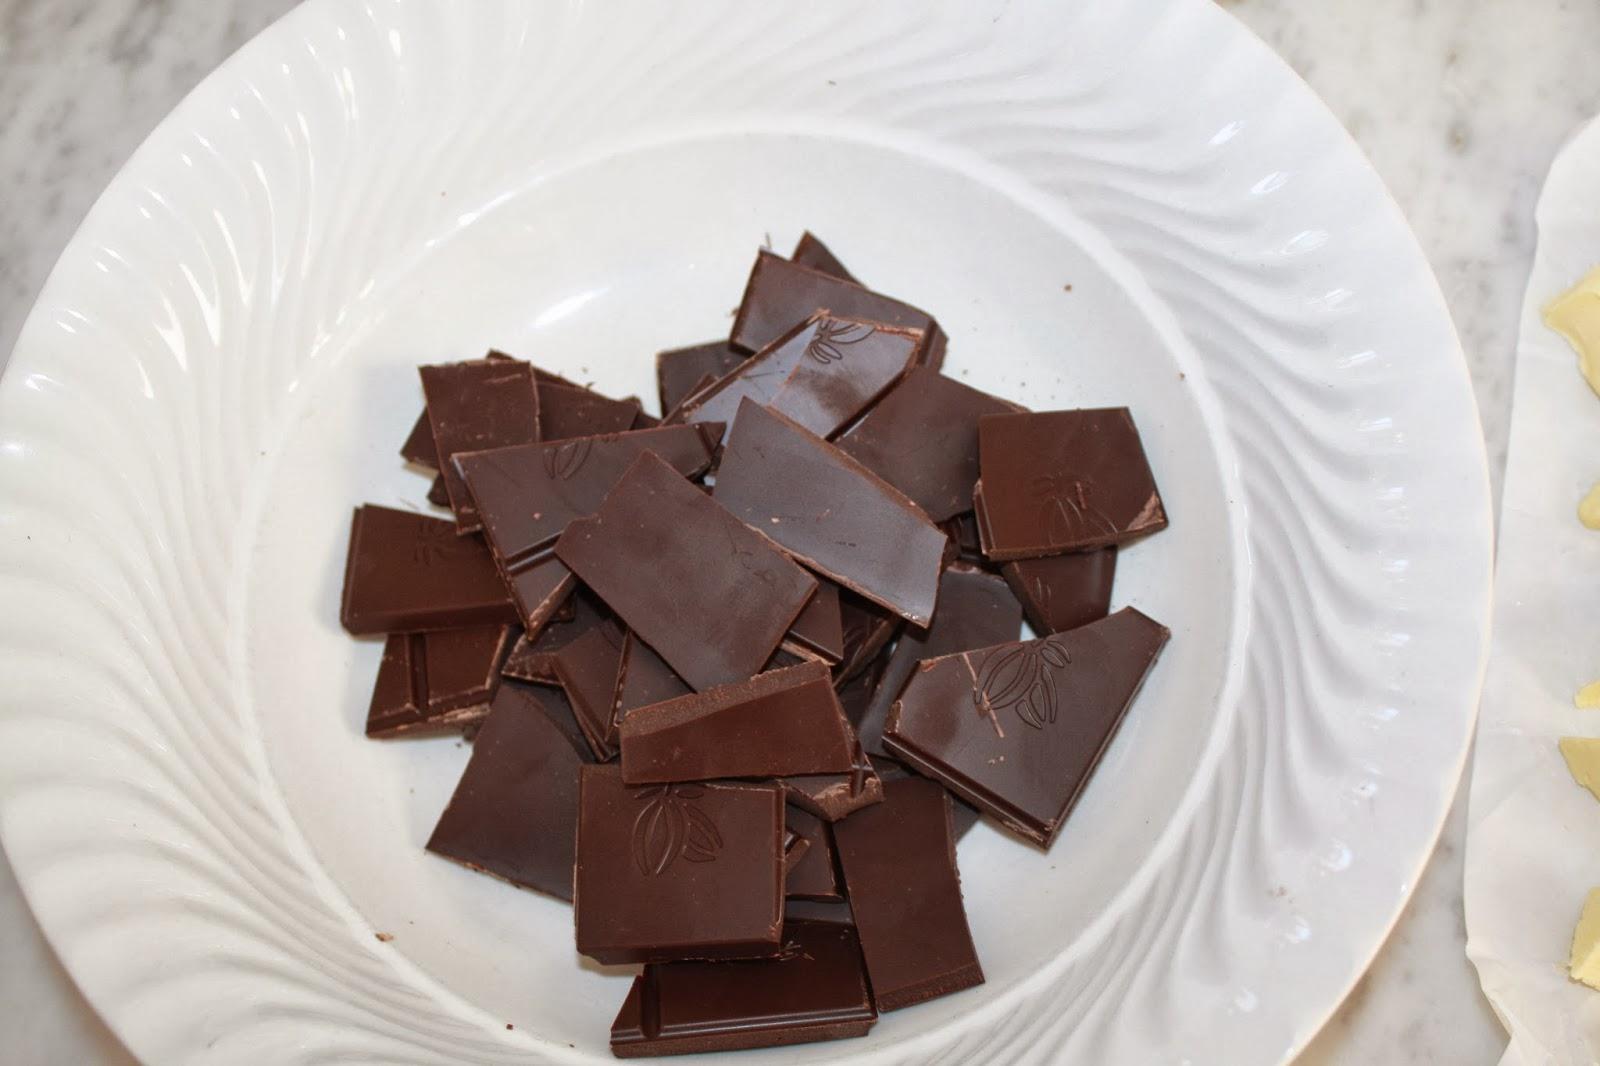 mousse al cioccolato piccante